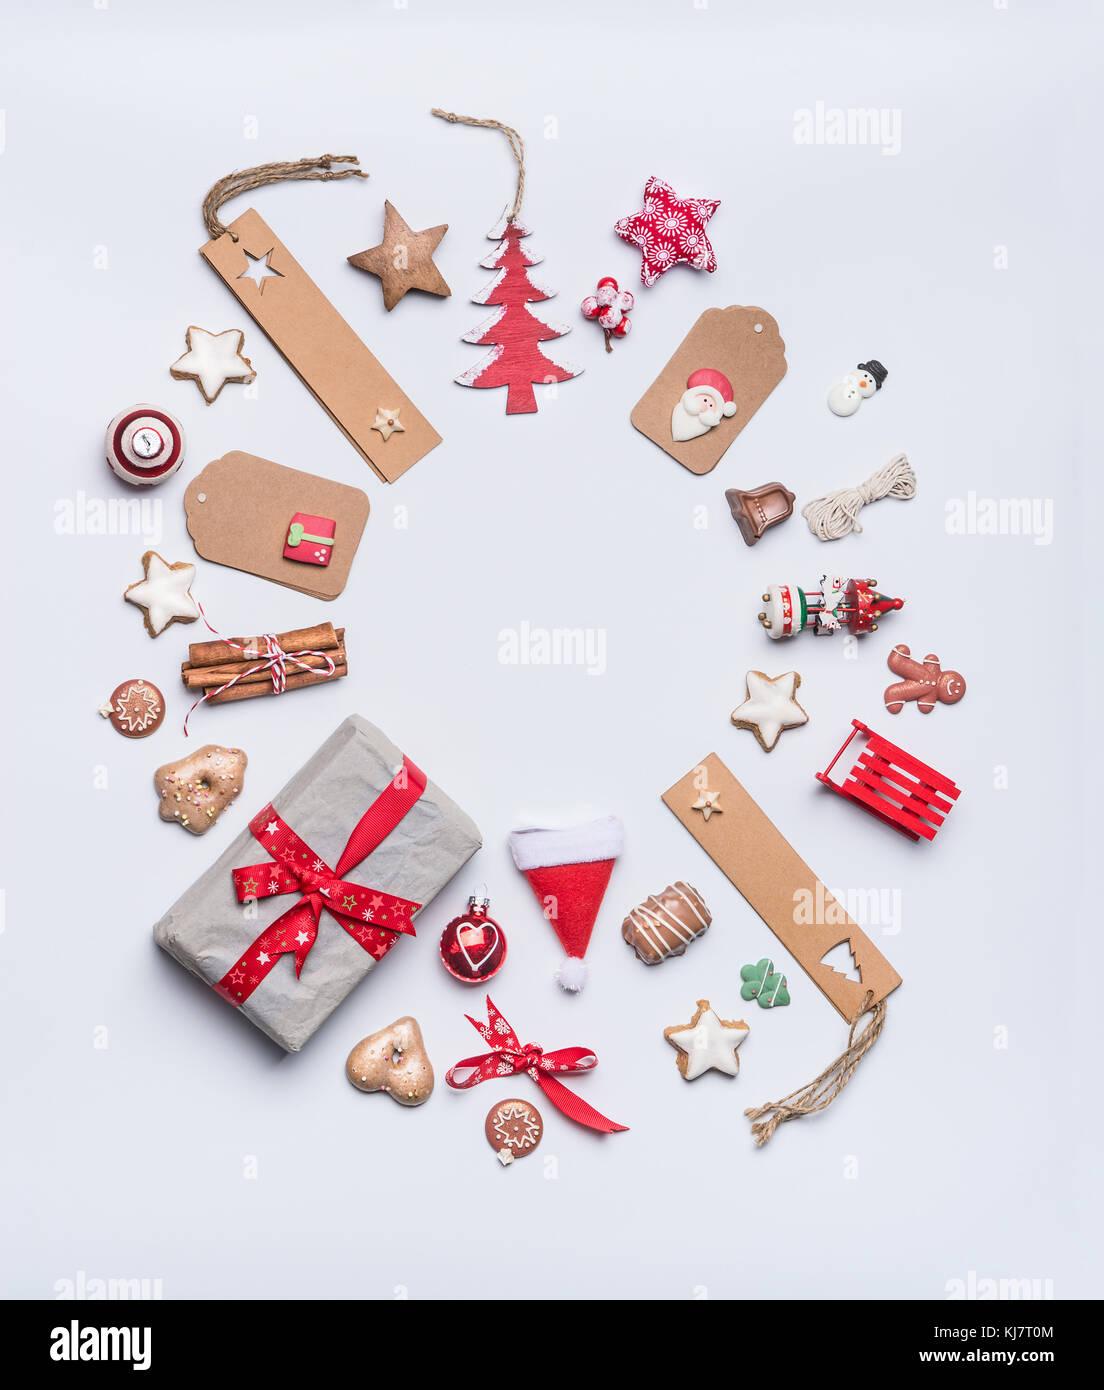 Runde Weihnachten Rahmen layout Komposition für Grußkarte mit ...